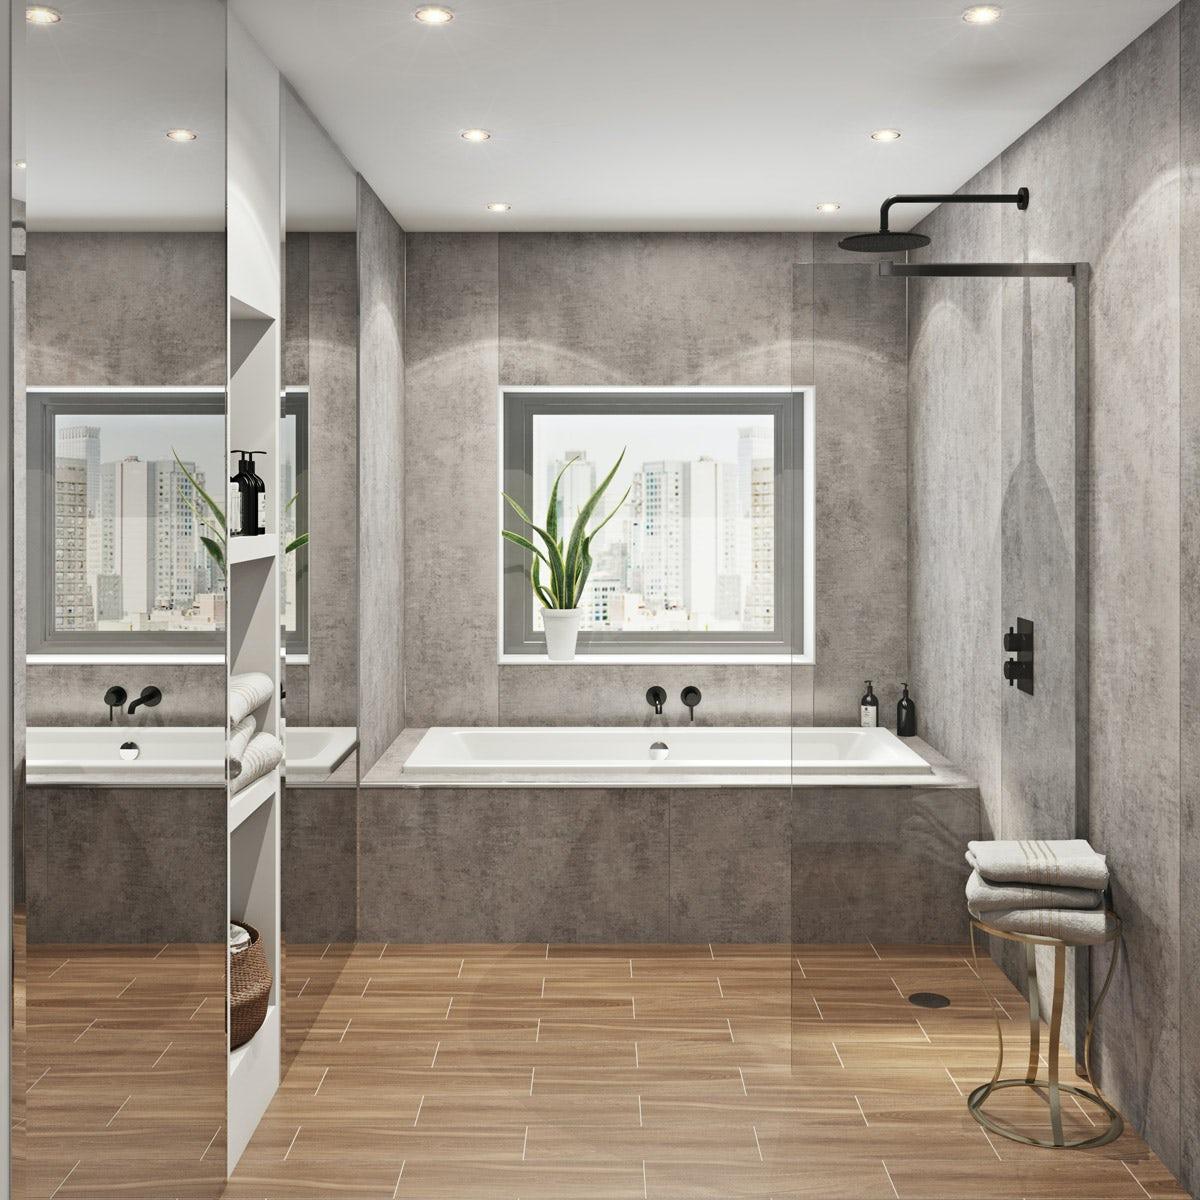 Multipanel Linda Barker Concrete Elements Hydrolock shower ...